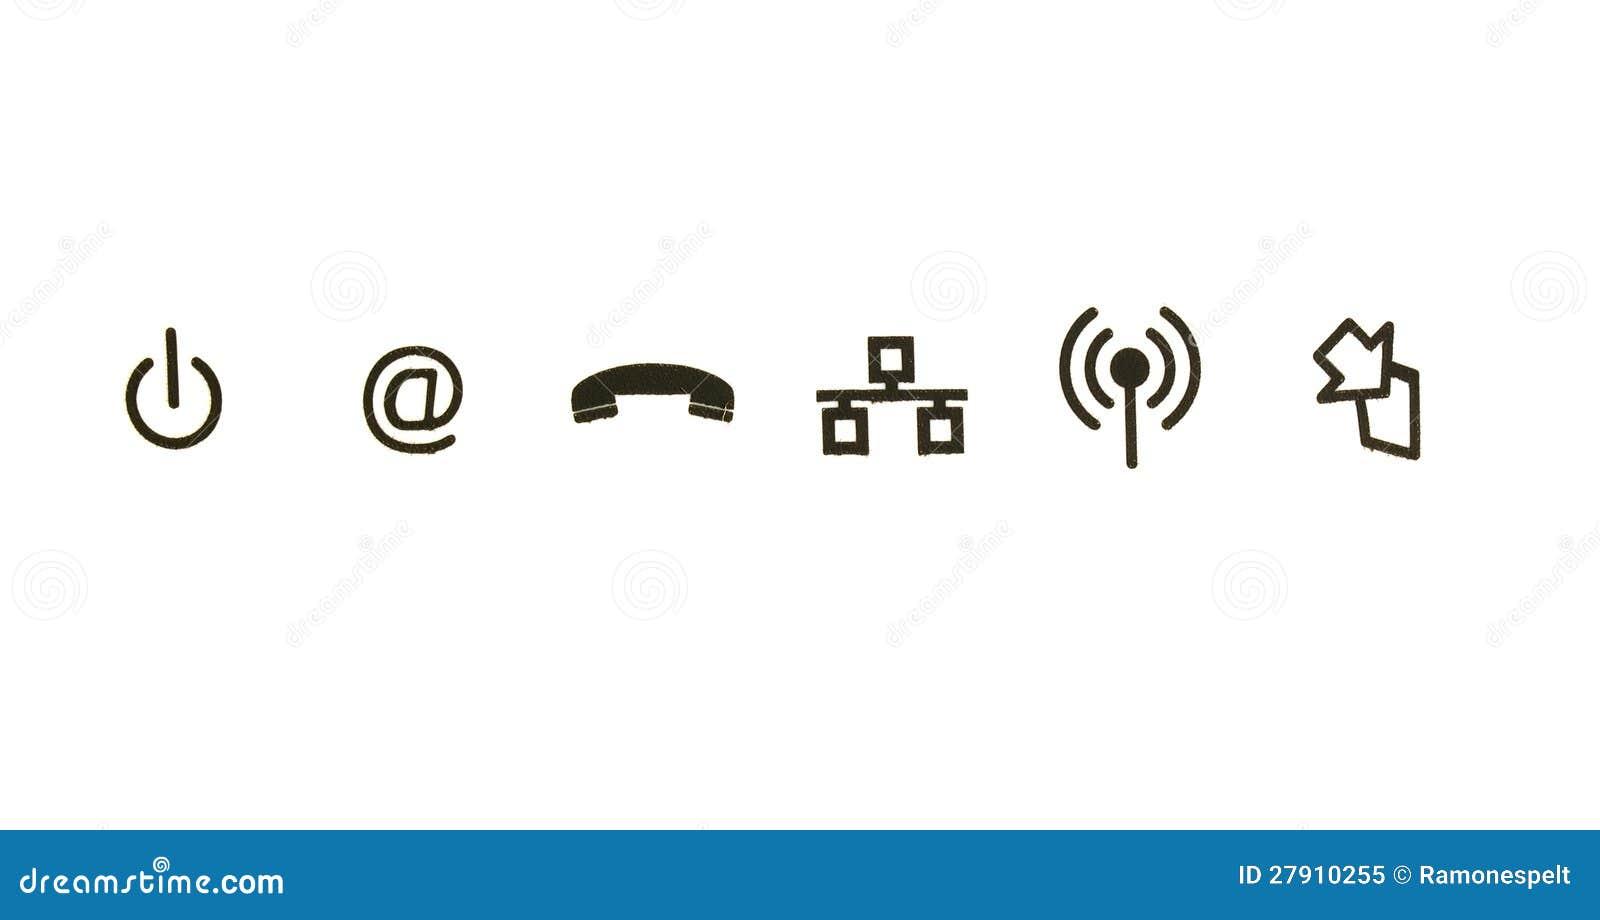 communication symbols royalty free stock photo